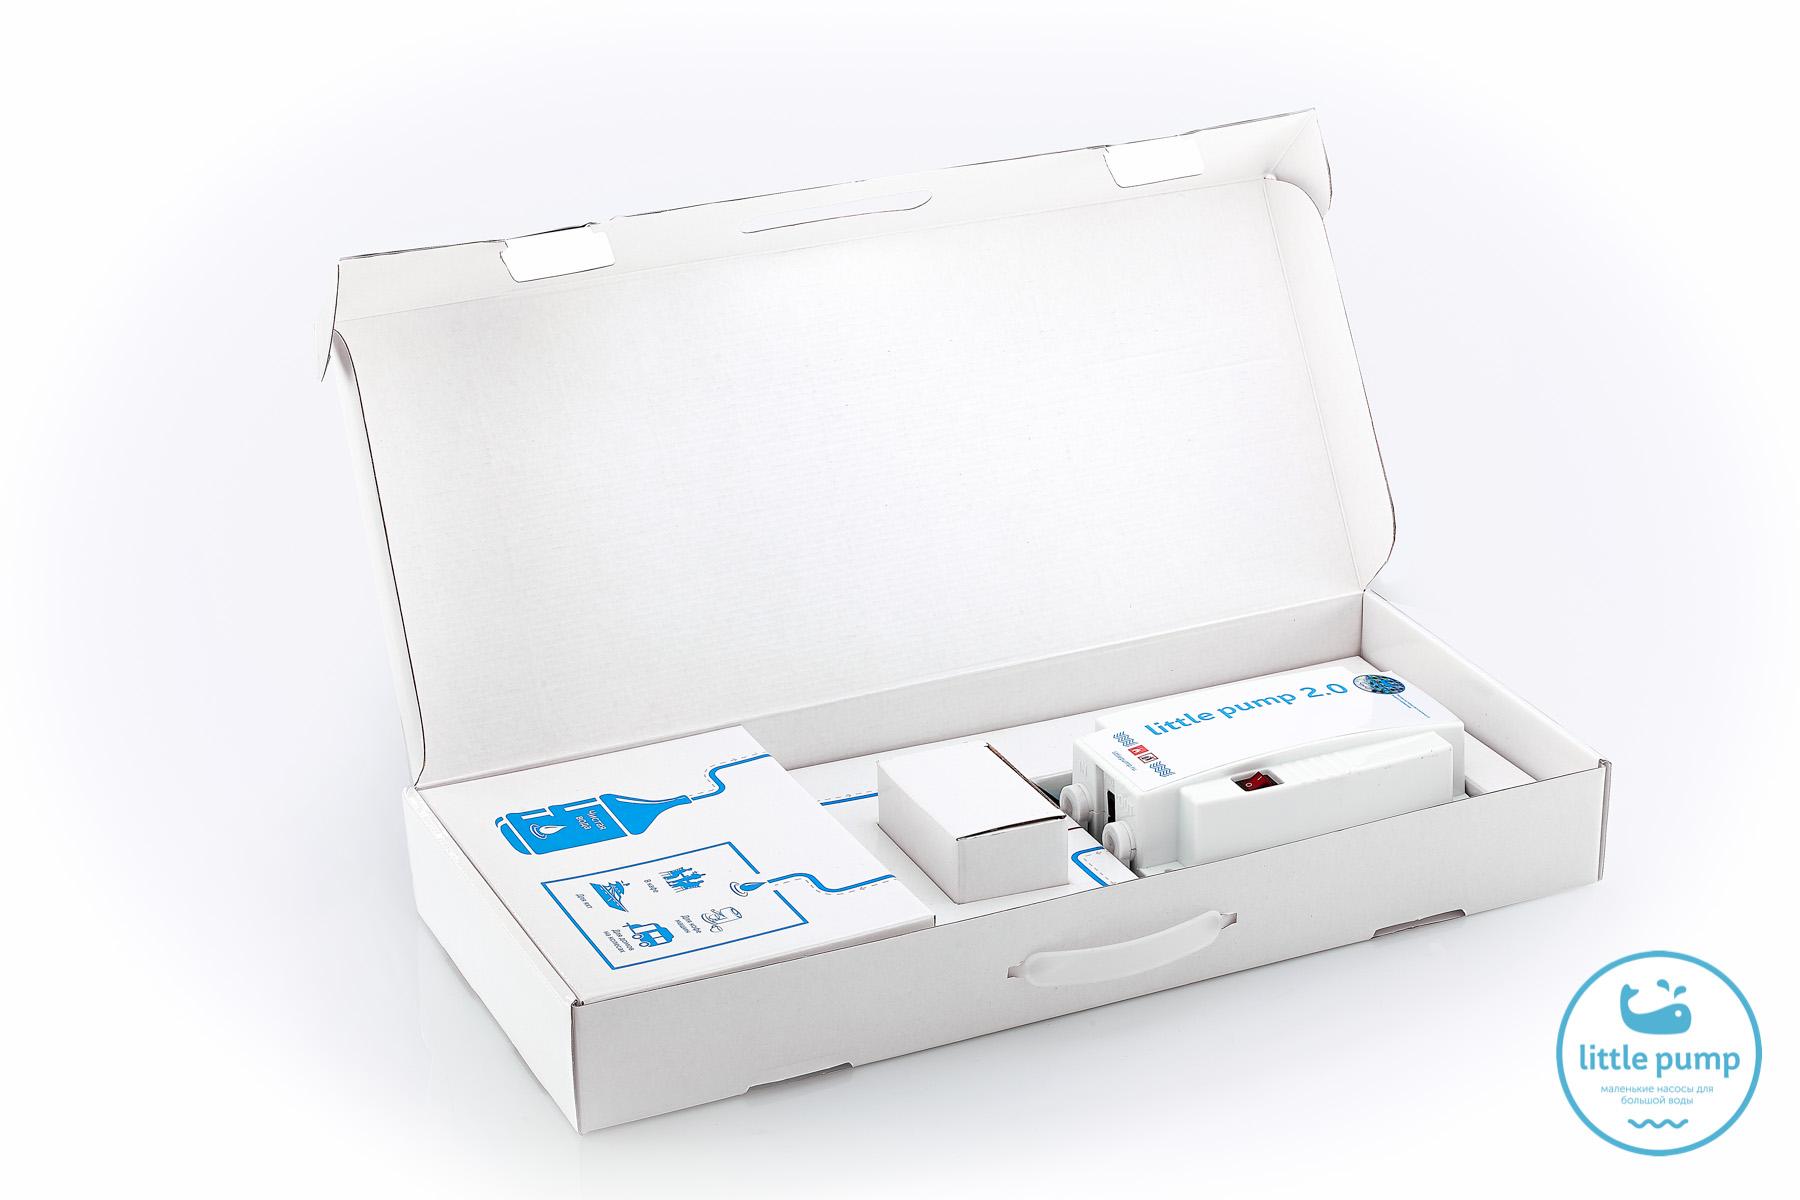 Уникальная упаковка-инструкция Помпа для бутилированной воды LittlePump